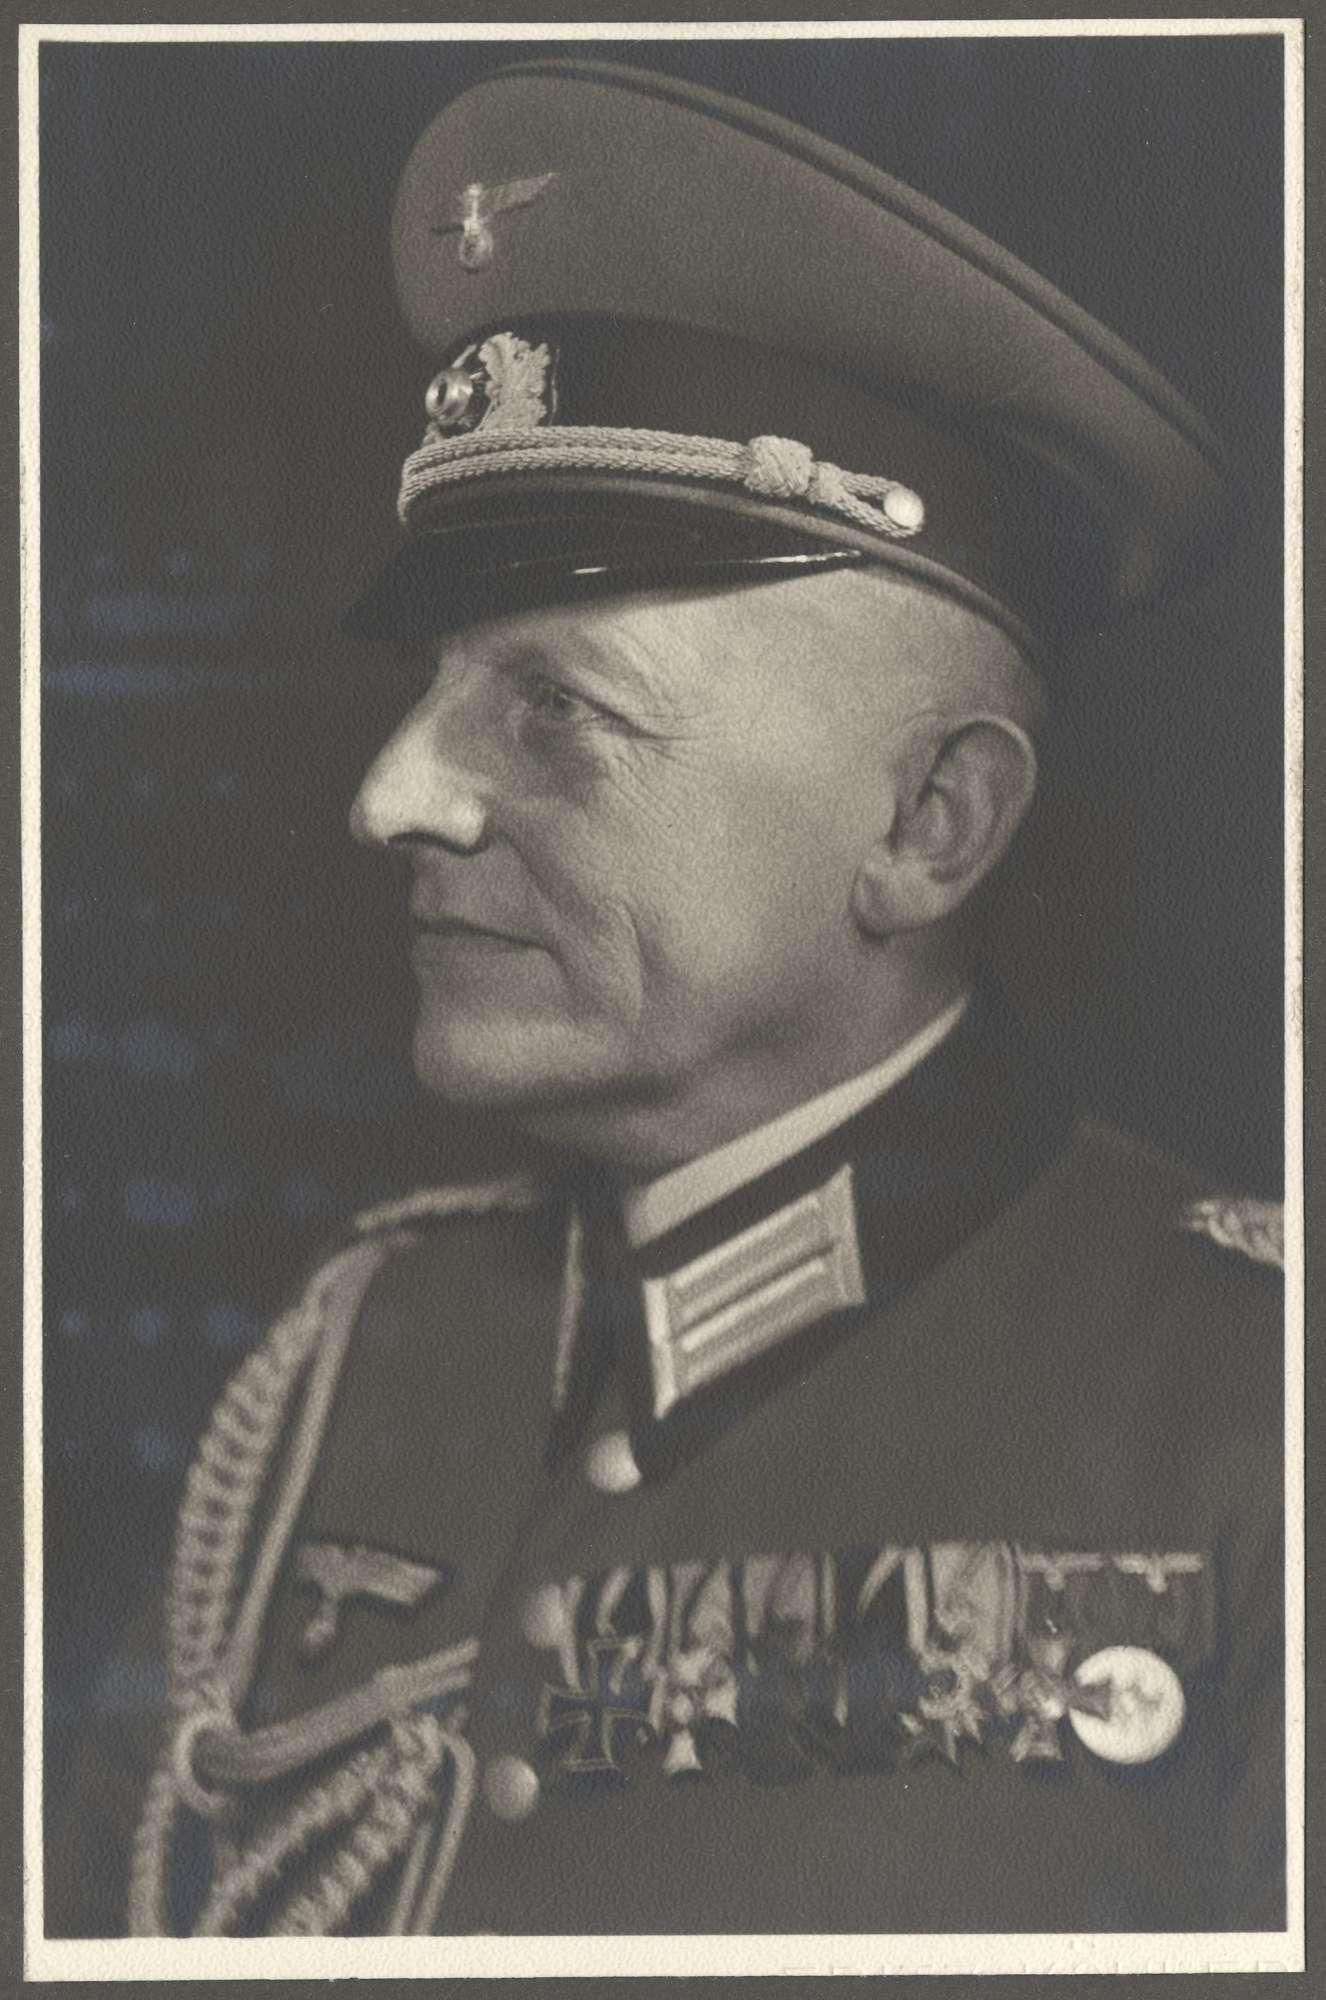 Kauffmann, Max, Bild 1